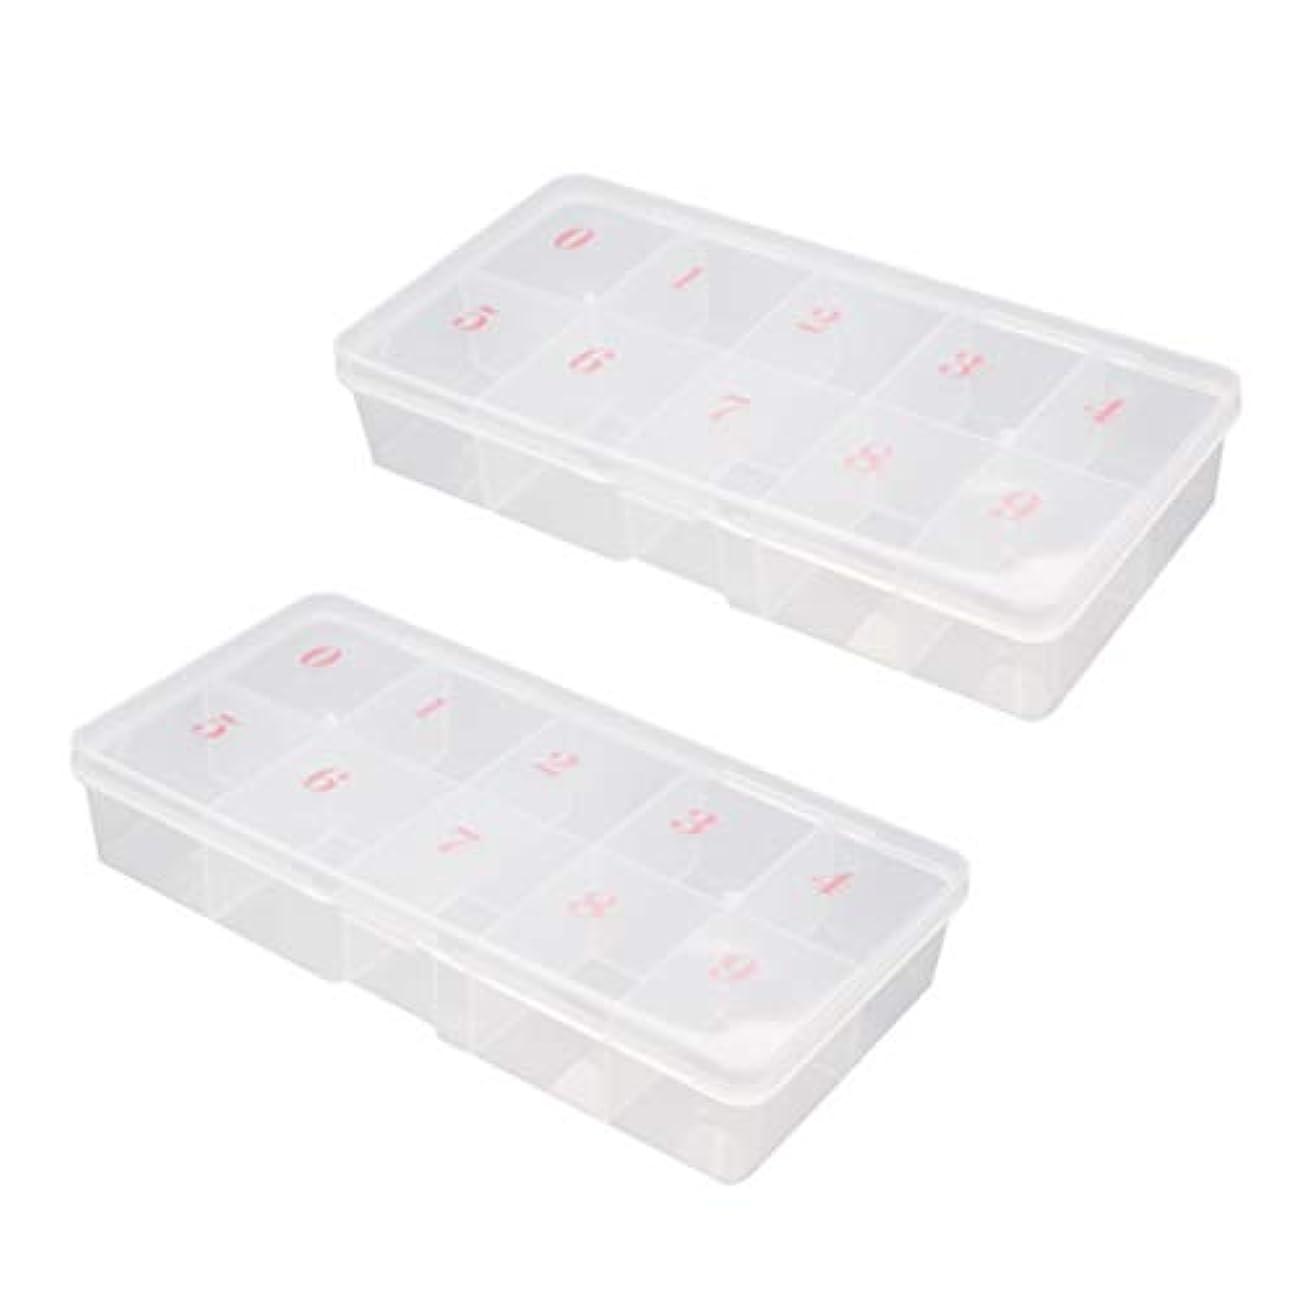 結果としてブリッジ友情Minkissy 2ピース偽ネイルアートのヒント収納ボックス10グリッドプラスチックグリッドボックス収納オーガナイザー付き数字イヤリングリングケースディスプレイコレクション